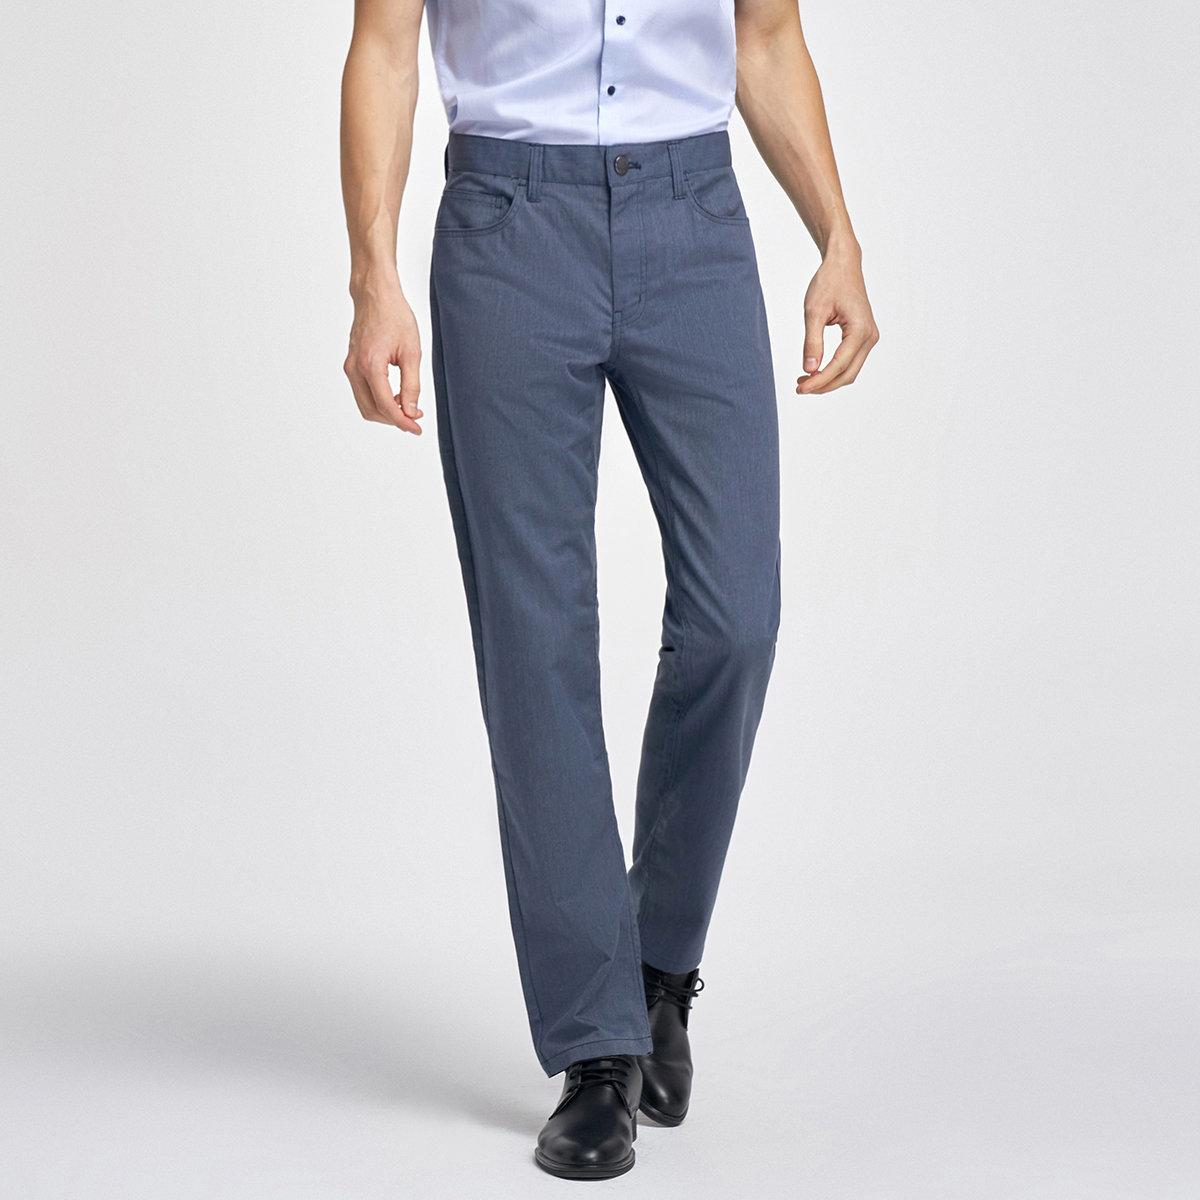 MEN'S SMART FIT CASUAL PANTS(blue)